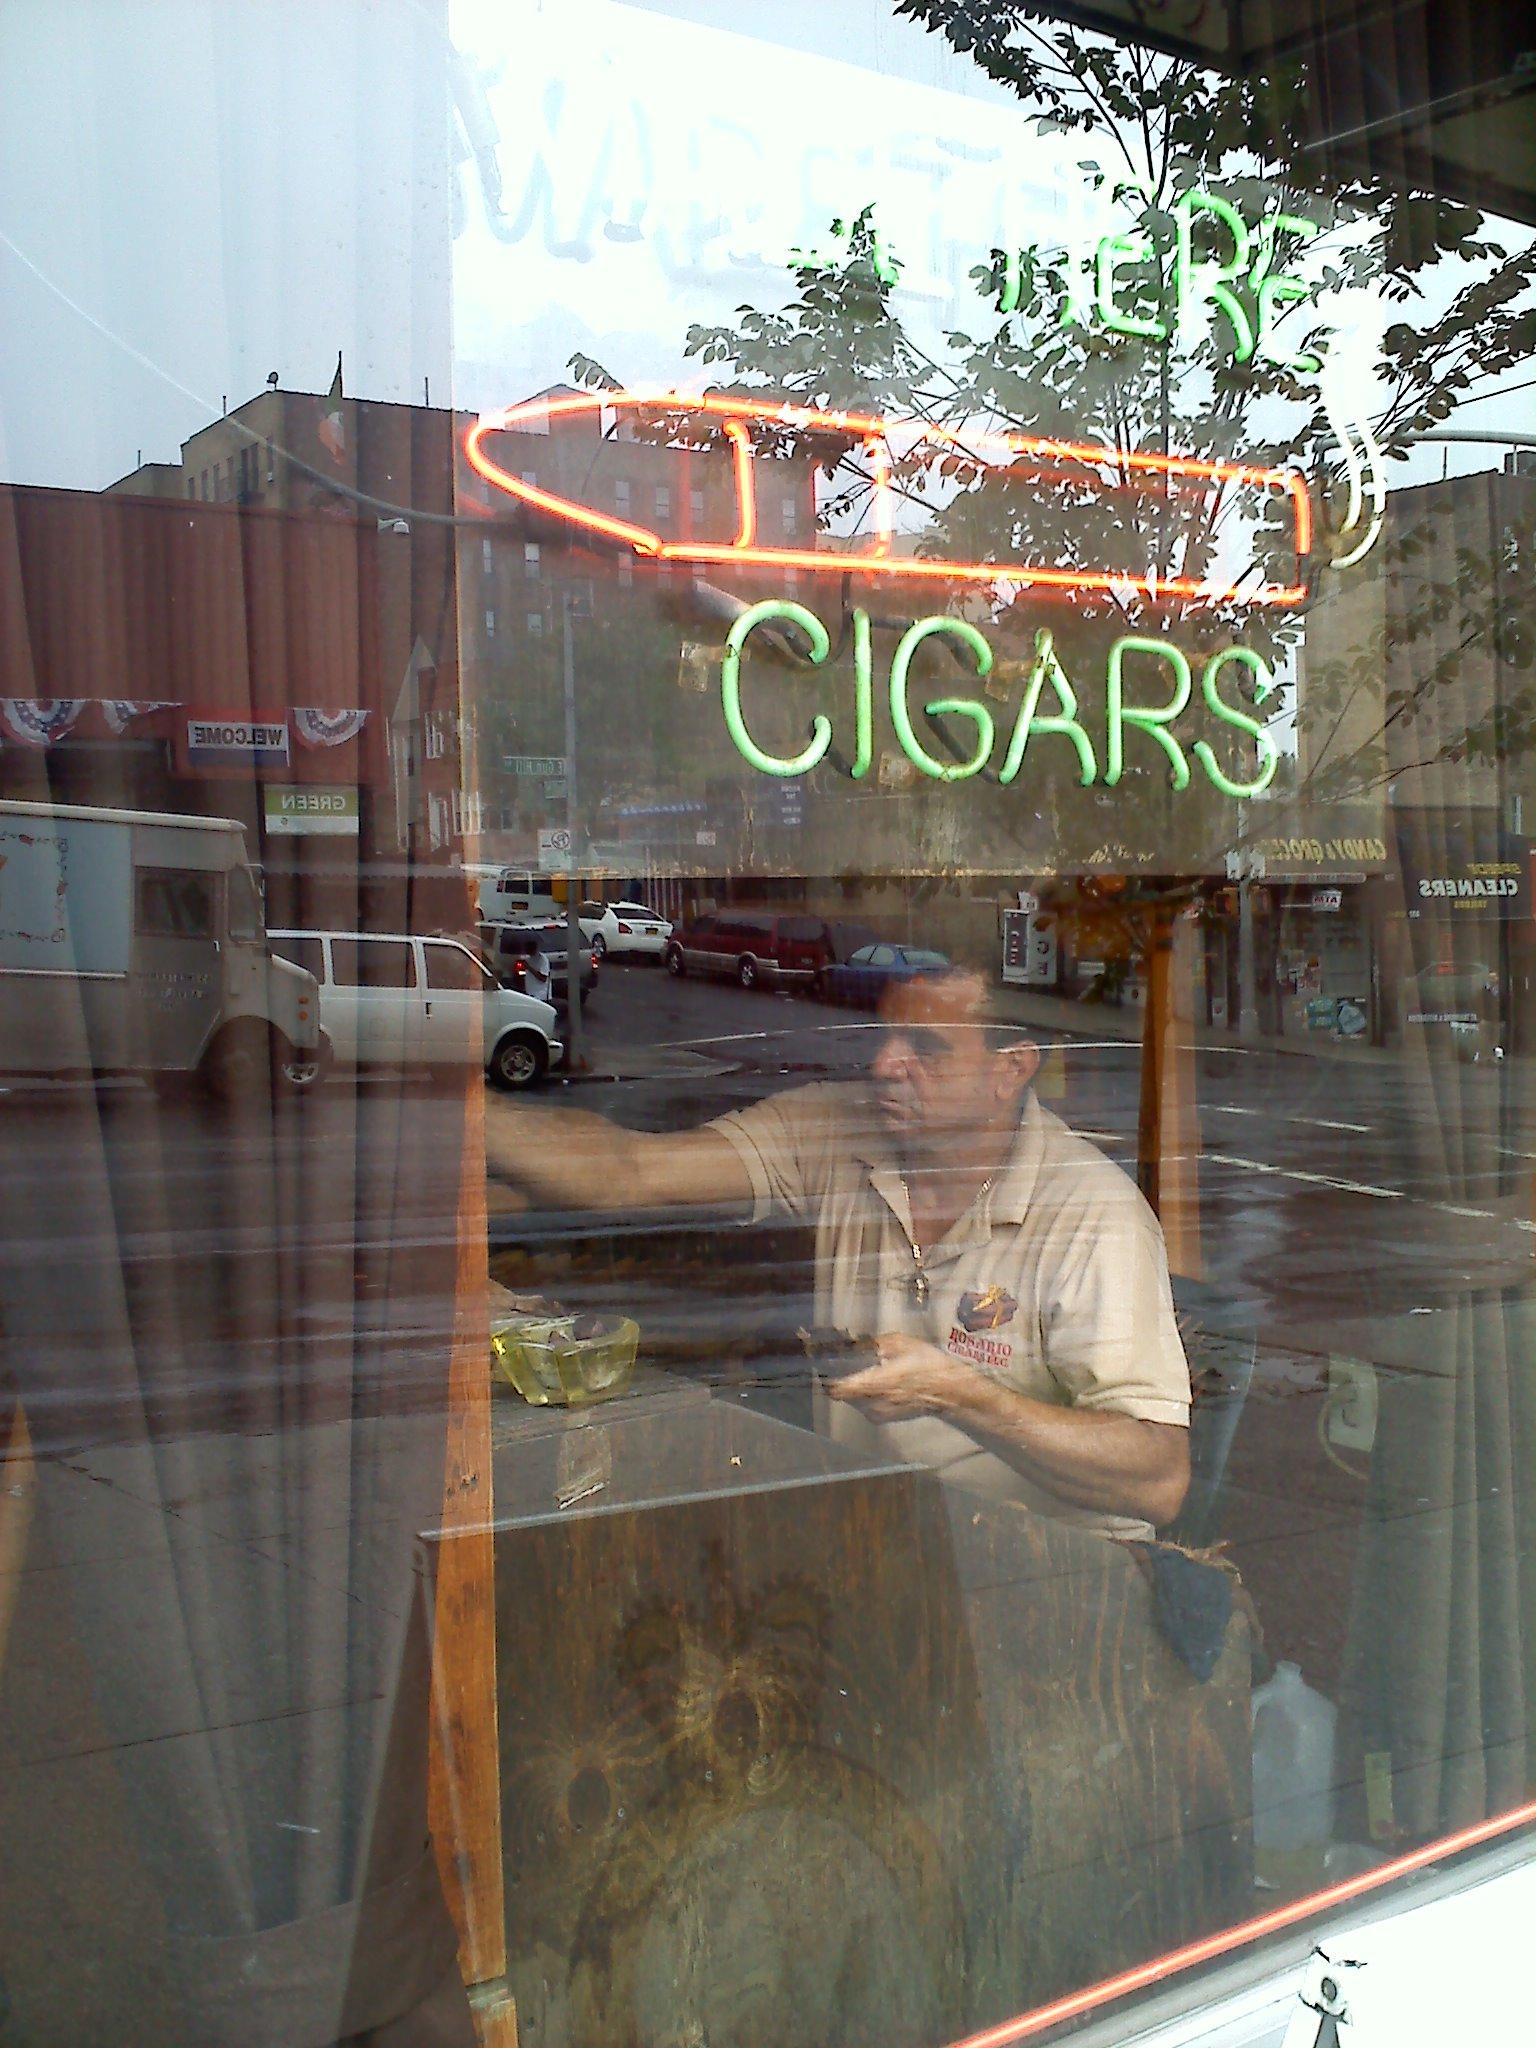 Cigars Staten Island Ny